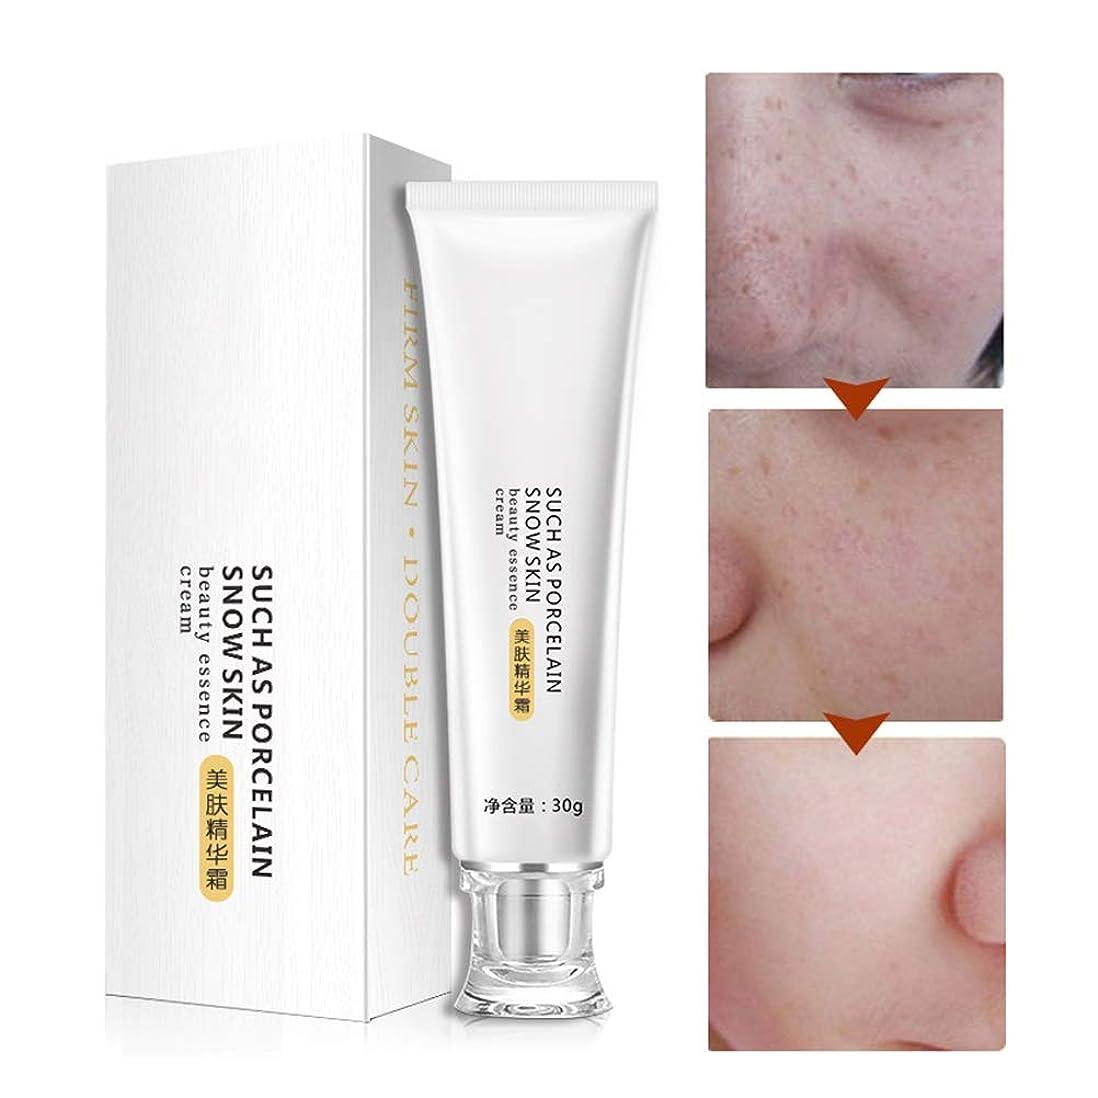 ノミネートハグ効率的に美白クリーム 保湿クリーム エッセンスクリーム 再生クリーム 色素沈着低減クリーム シミ取りクリーム 肌に栄養を与え ホワイトニング/ブライトクリーム 透明感 補水 そばかす/色素沈着低減 リフト/引き締め 淡斑 美白 美肌 美容 引き締め 毛穴改善 フェイシャルフレーク除去 肌を明るく 顔用 しみ/シワ対策 男女兼用